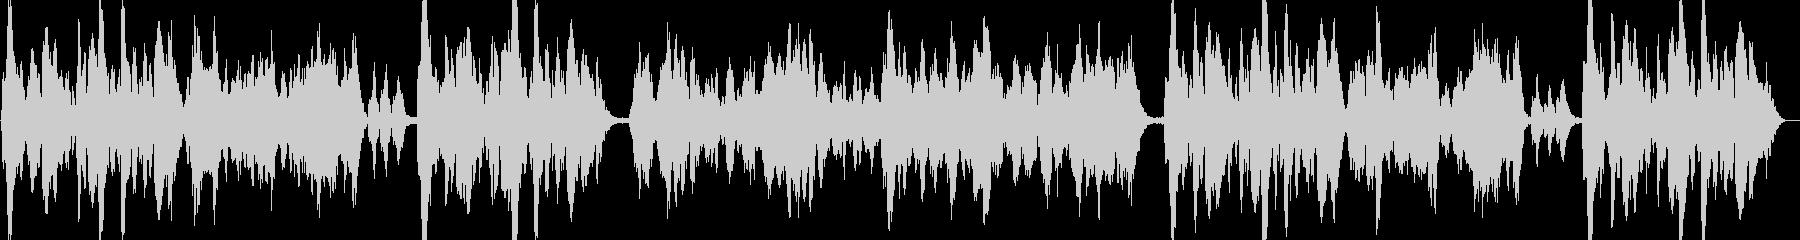 優雅なヴァイオリンのイージーリスニングの未再生の波形